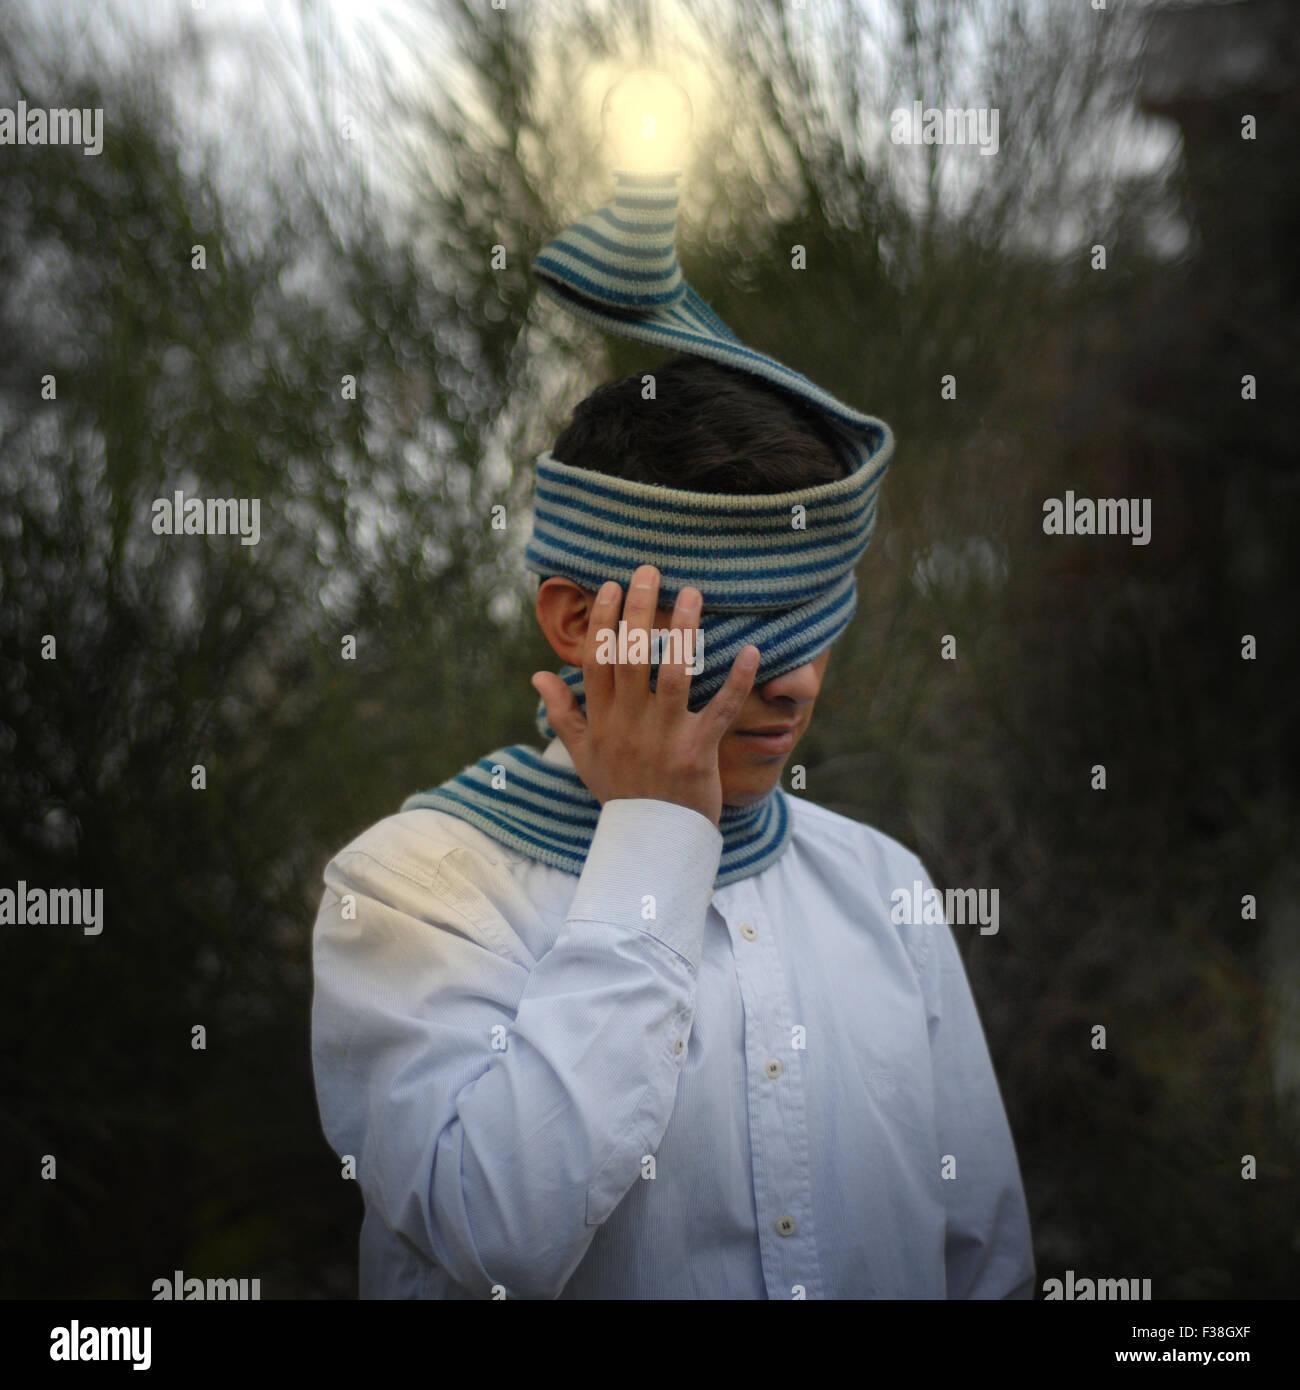 Garçon avec de se cacher le visage avec un foulard bleu et un foyer allumé Photo Stock